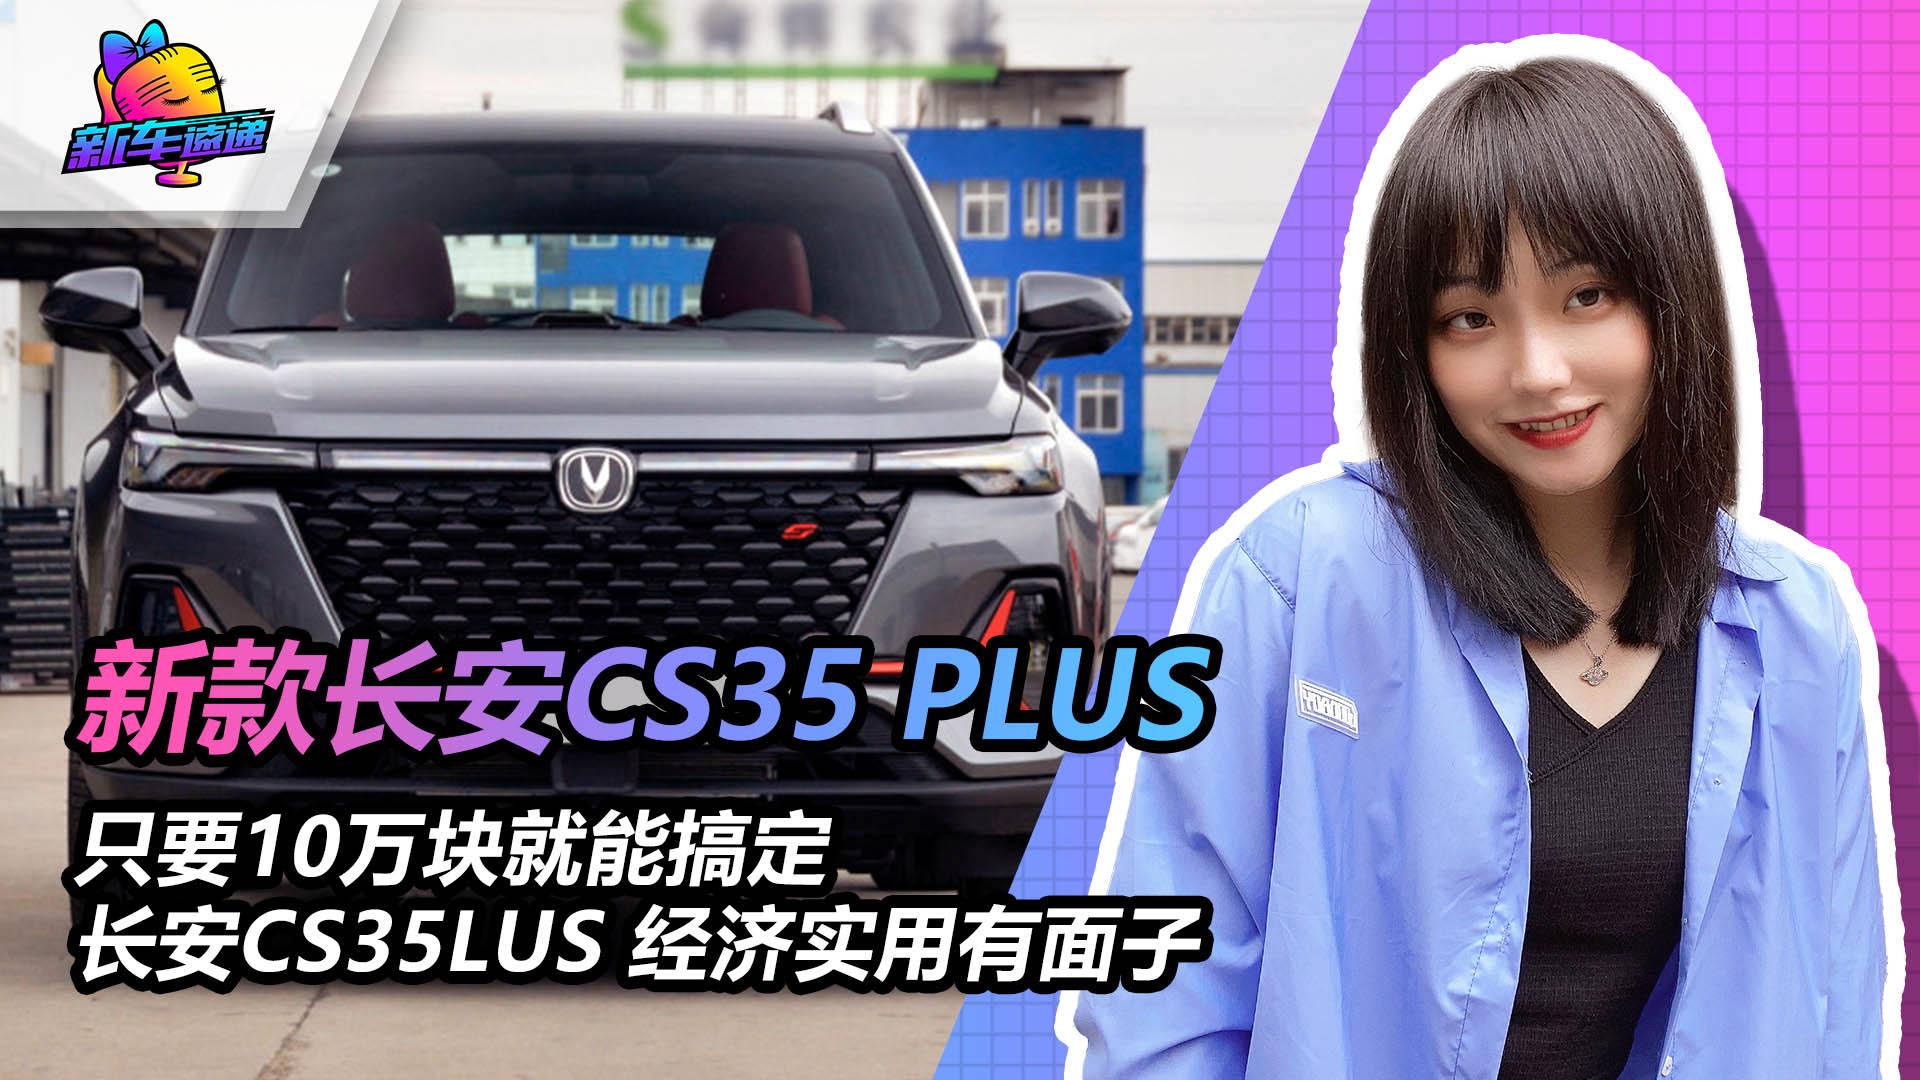 视频:【新车速递】只要10万块就能搞定  长安CS35LUS 经济实用有面子